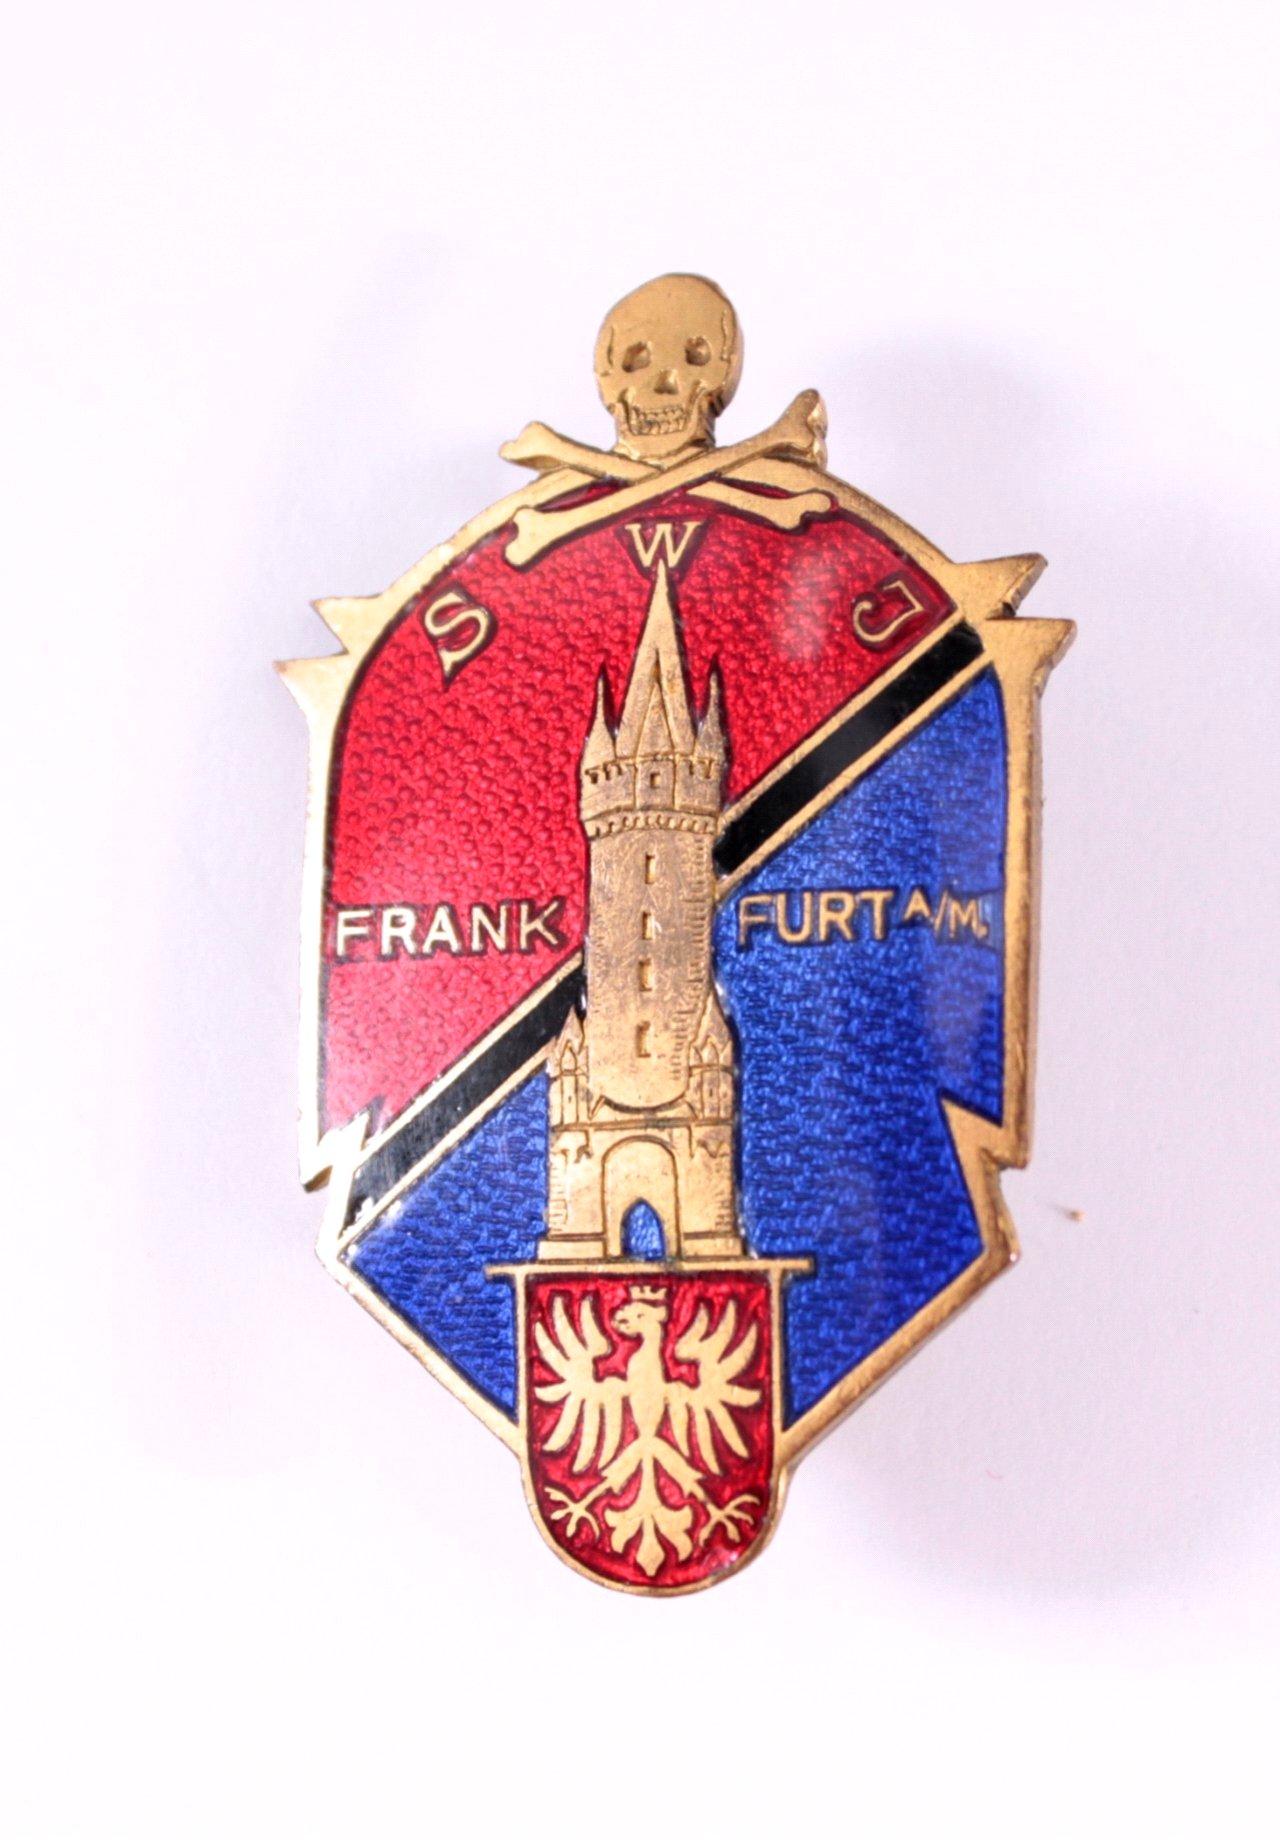 Anstecker SWJ Frankfurt mit Totenkopf